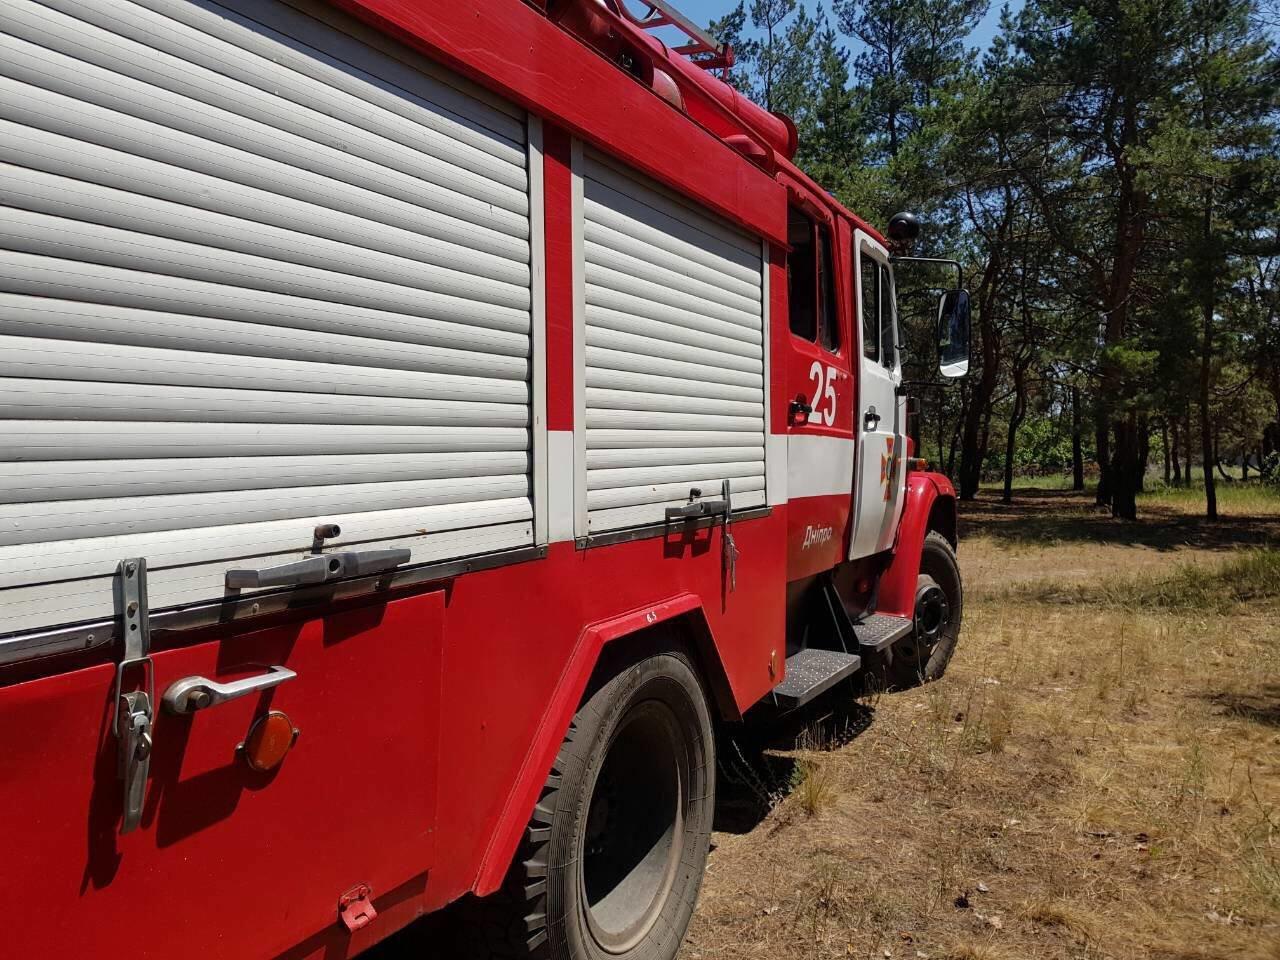 В Днепре горел хвойный лес: едва не пострадали люди, - ФОТО, фото-4